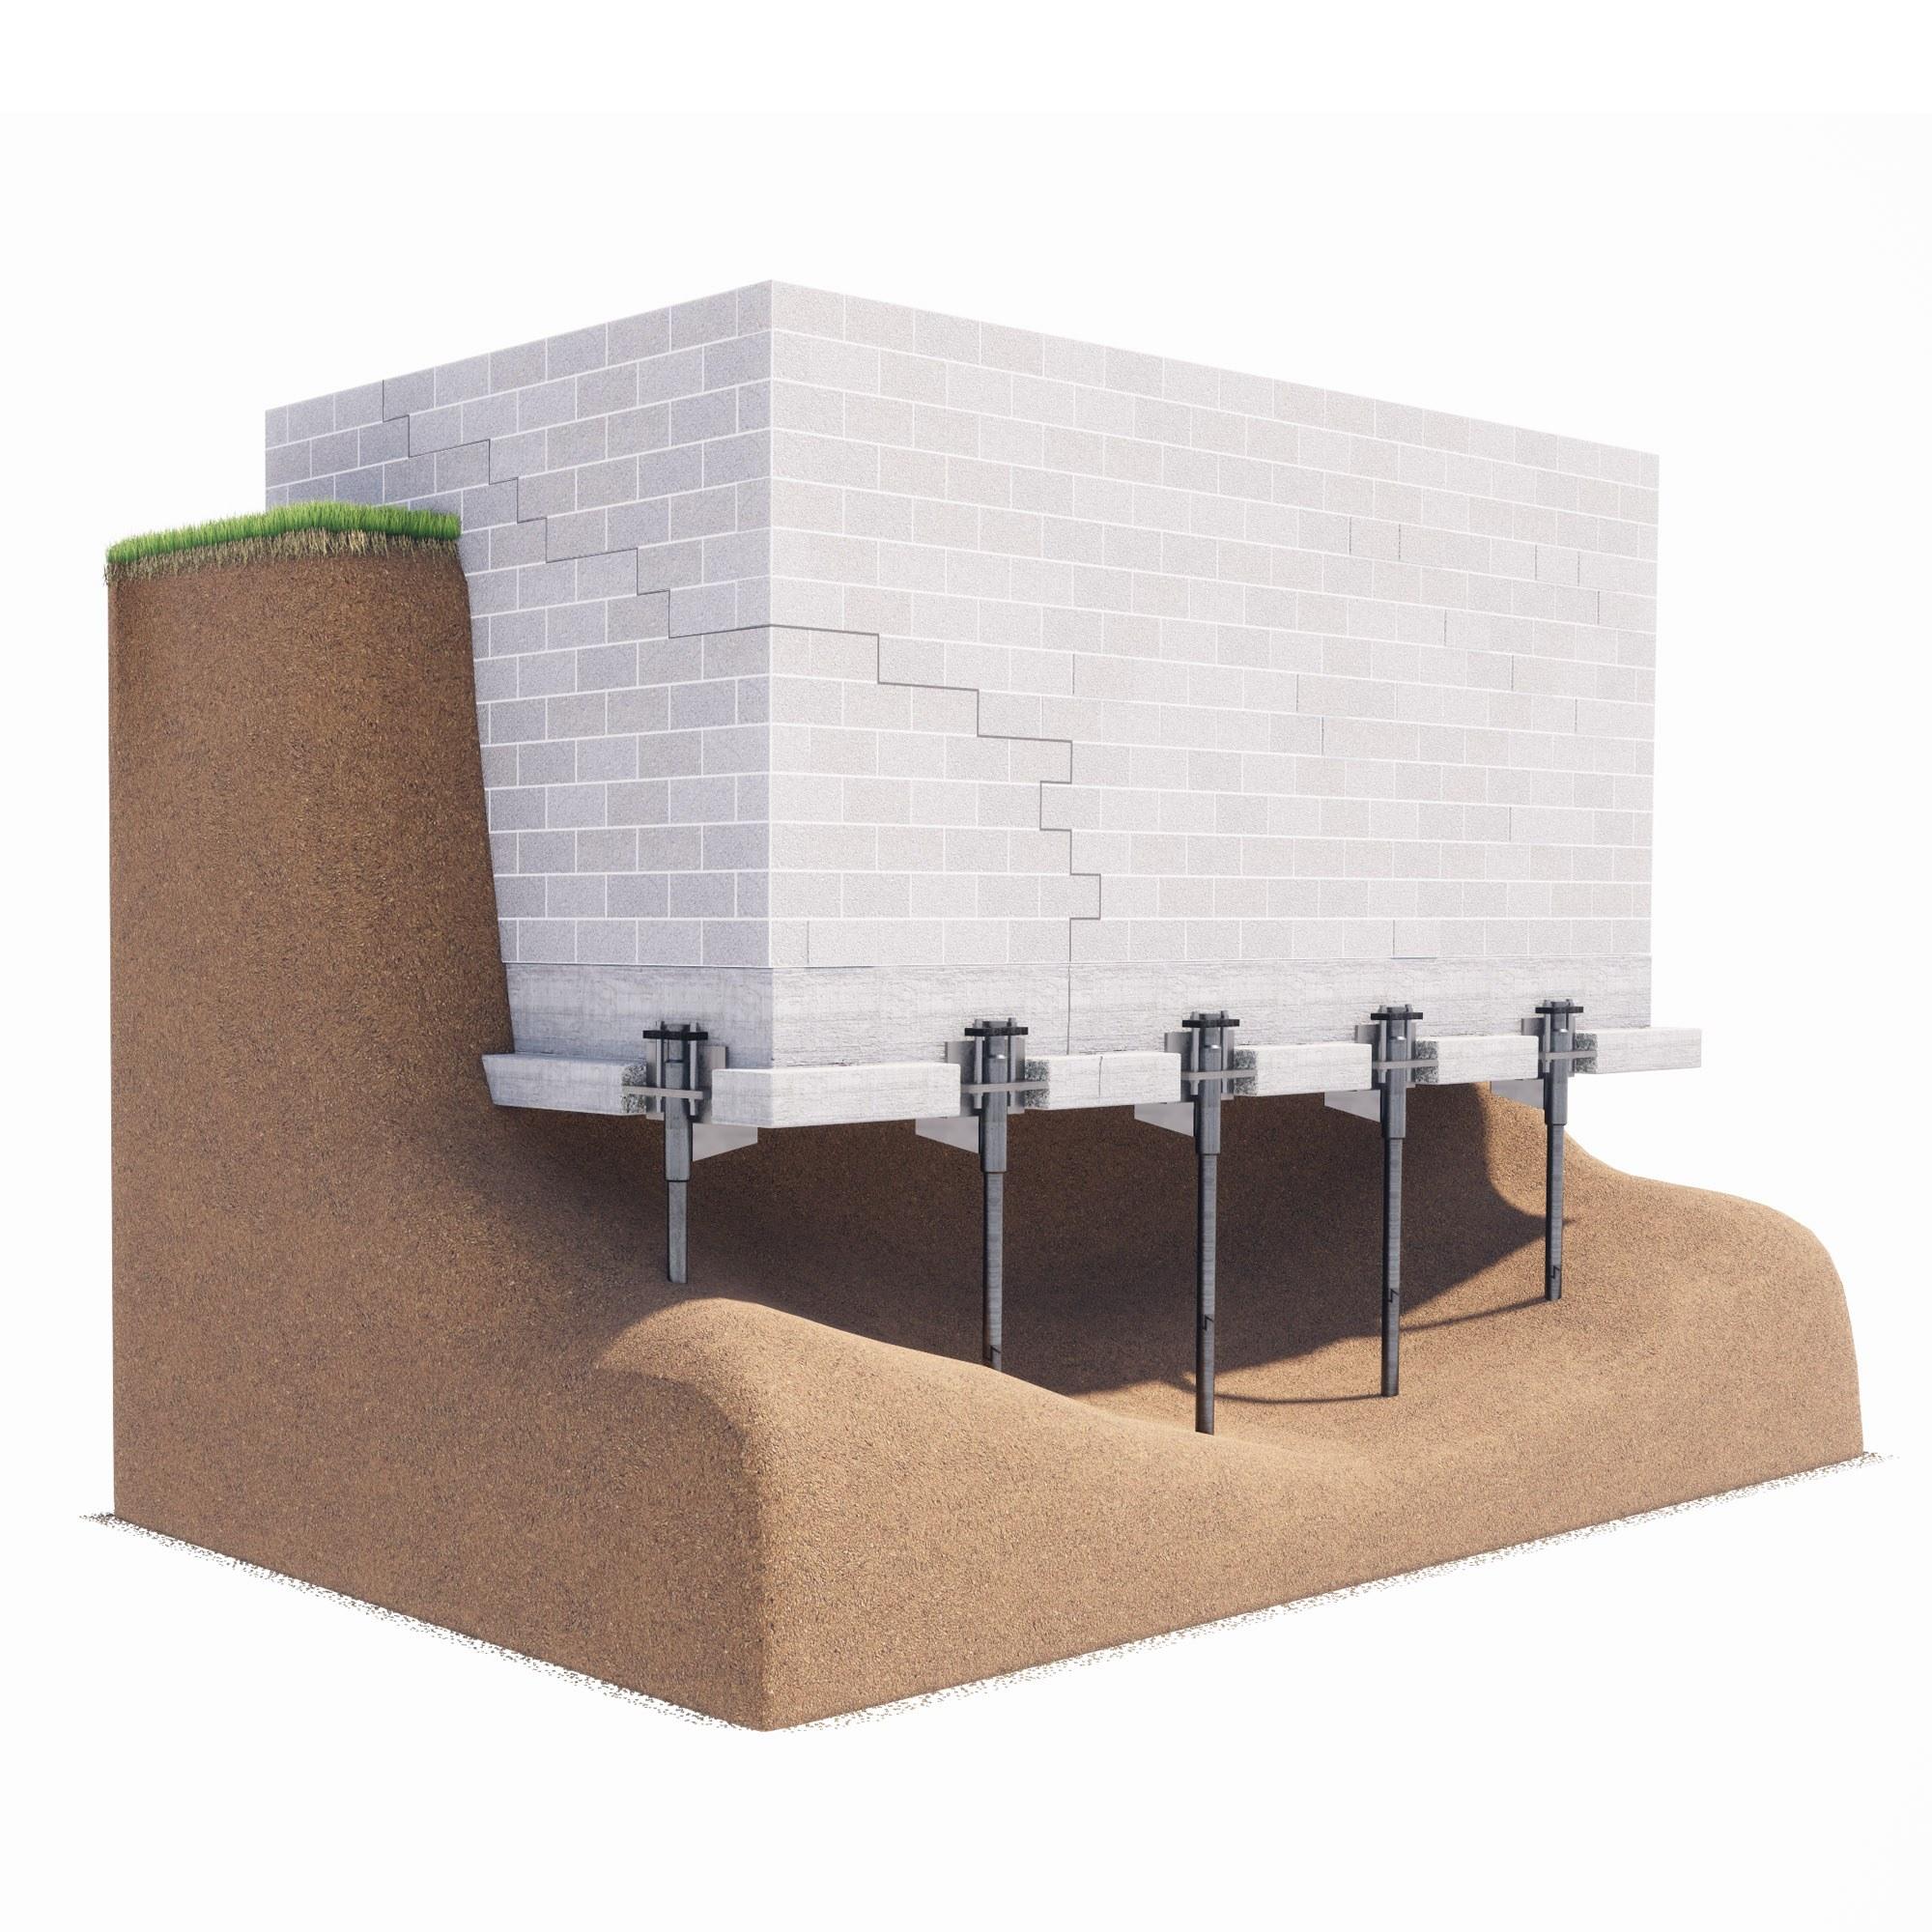 Illustration of push pier installation